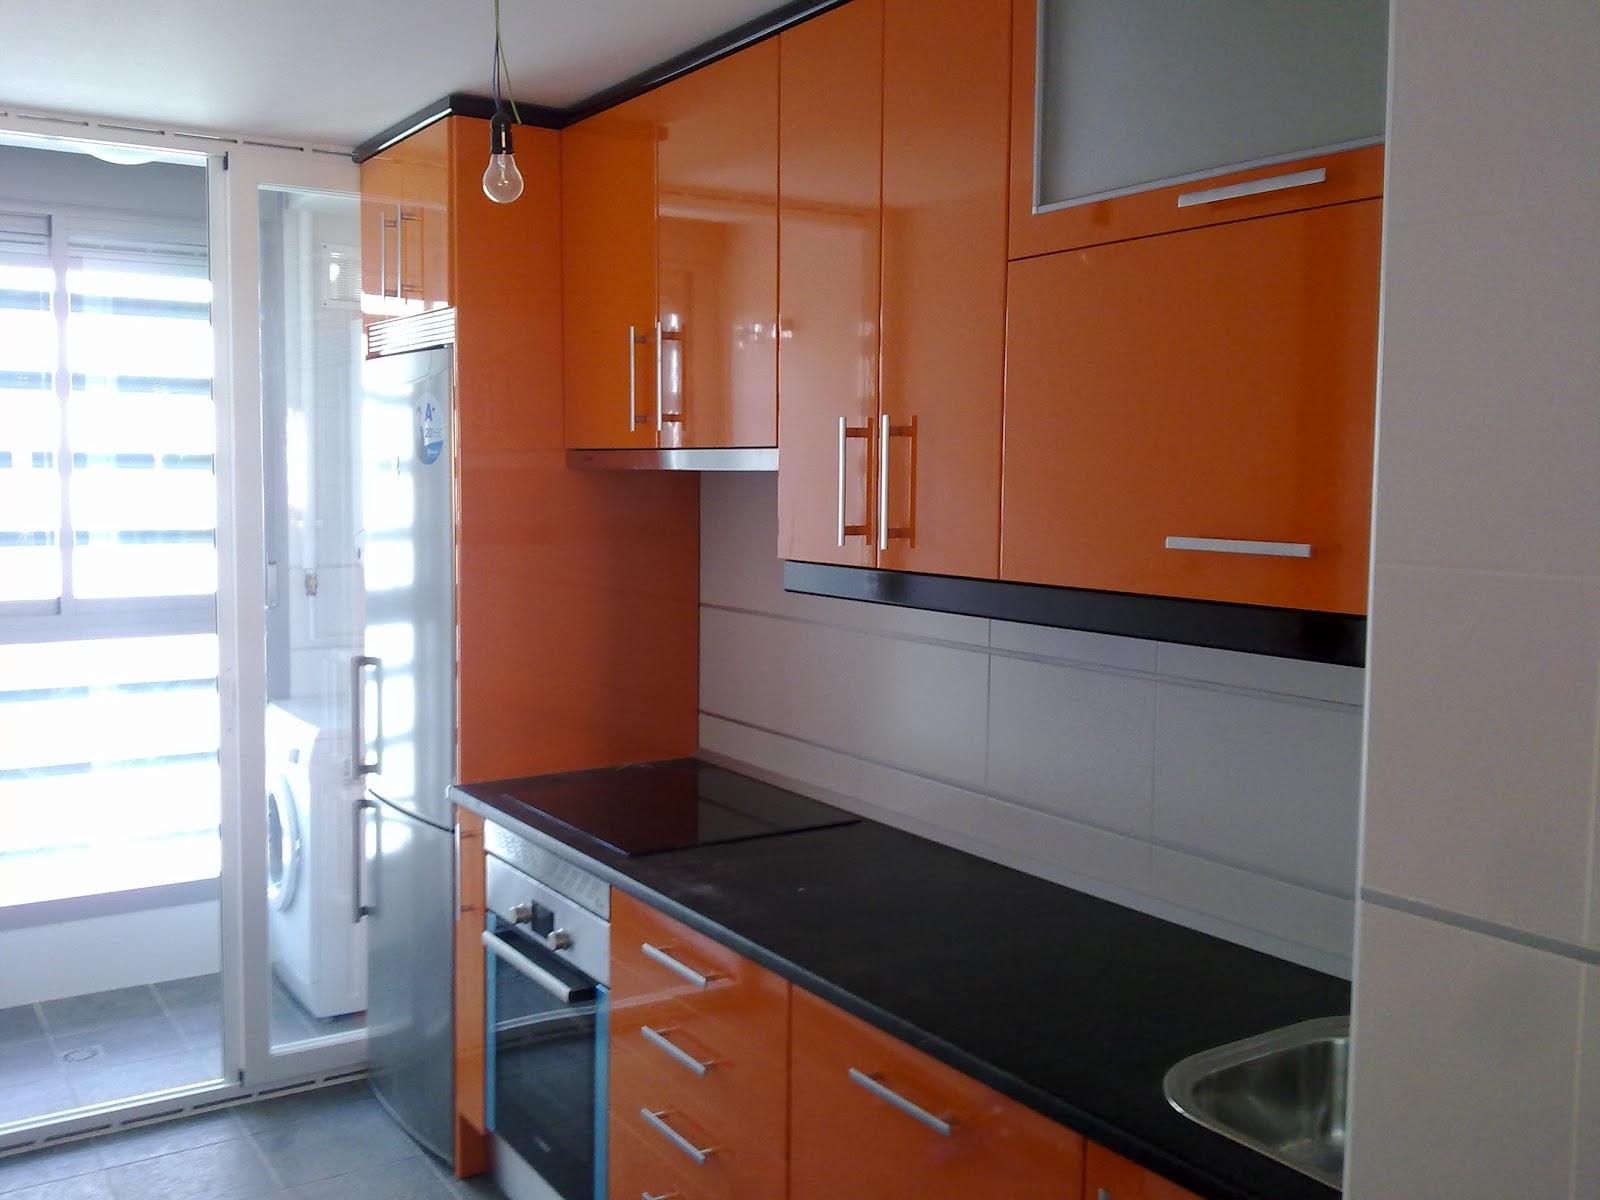 laminado alto brillo naranja remates y encimera negro